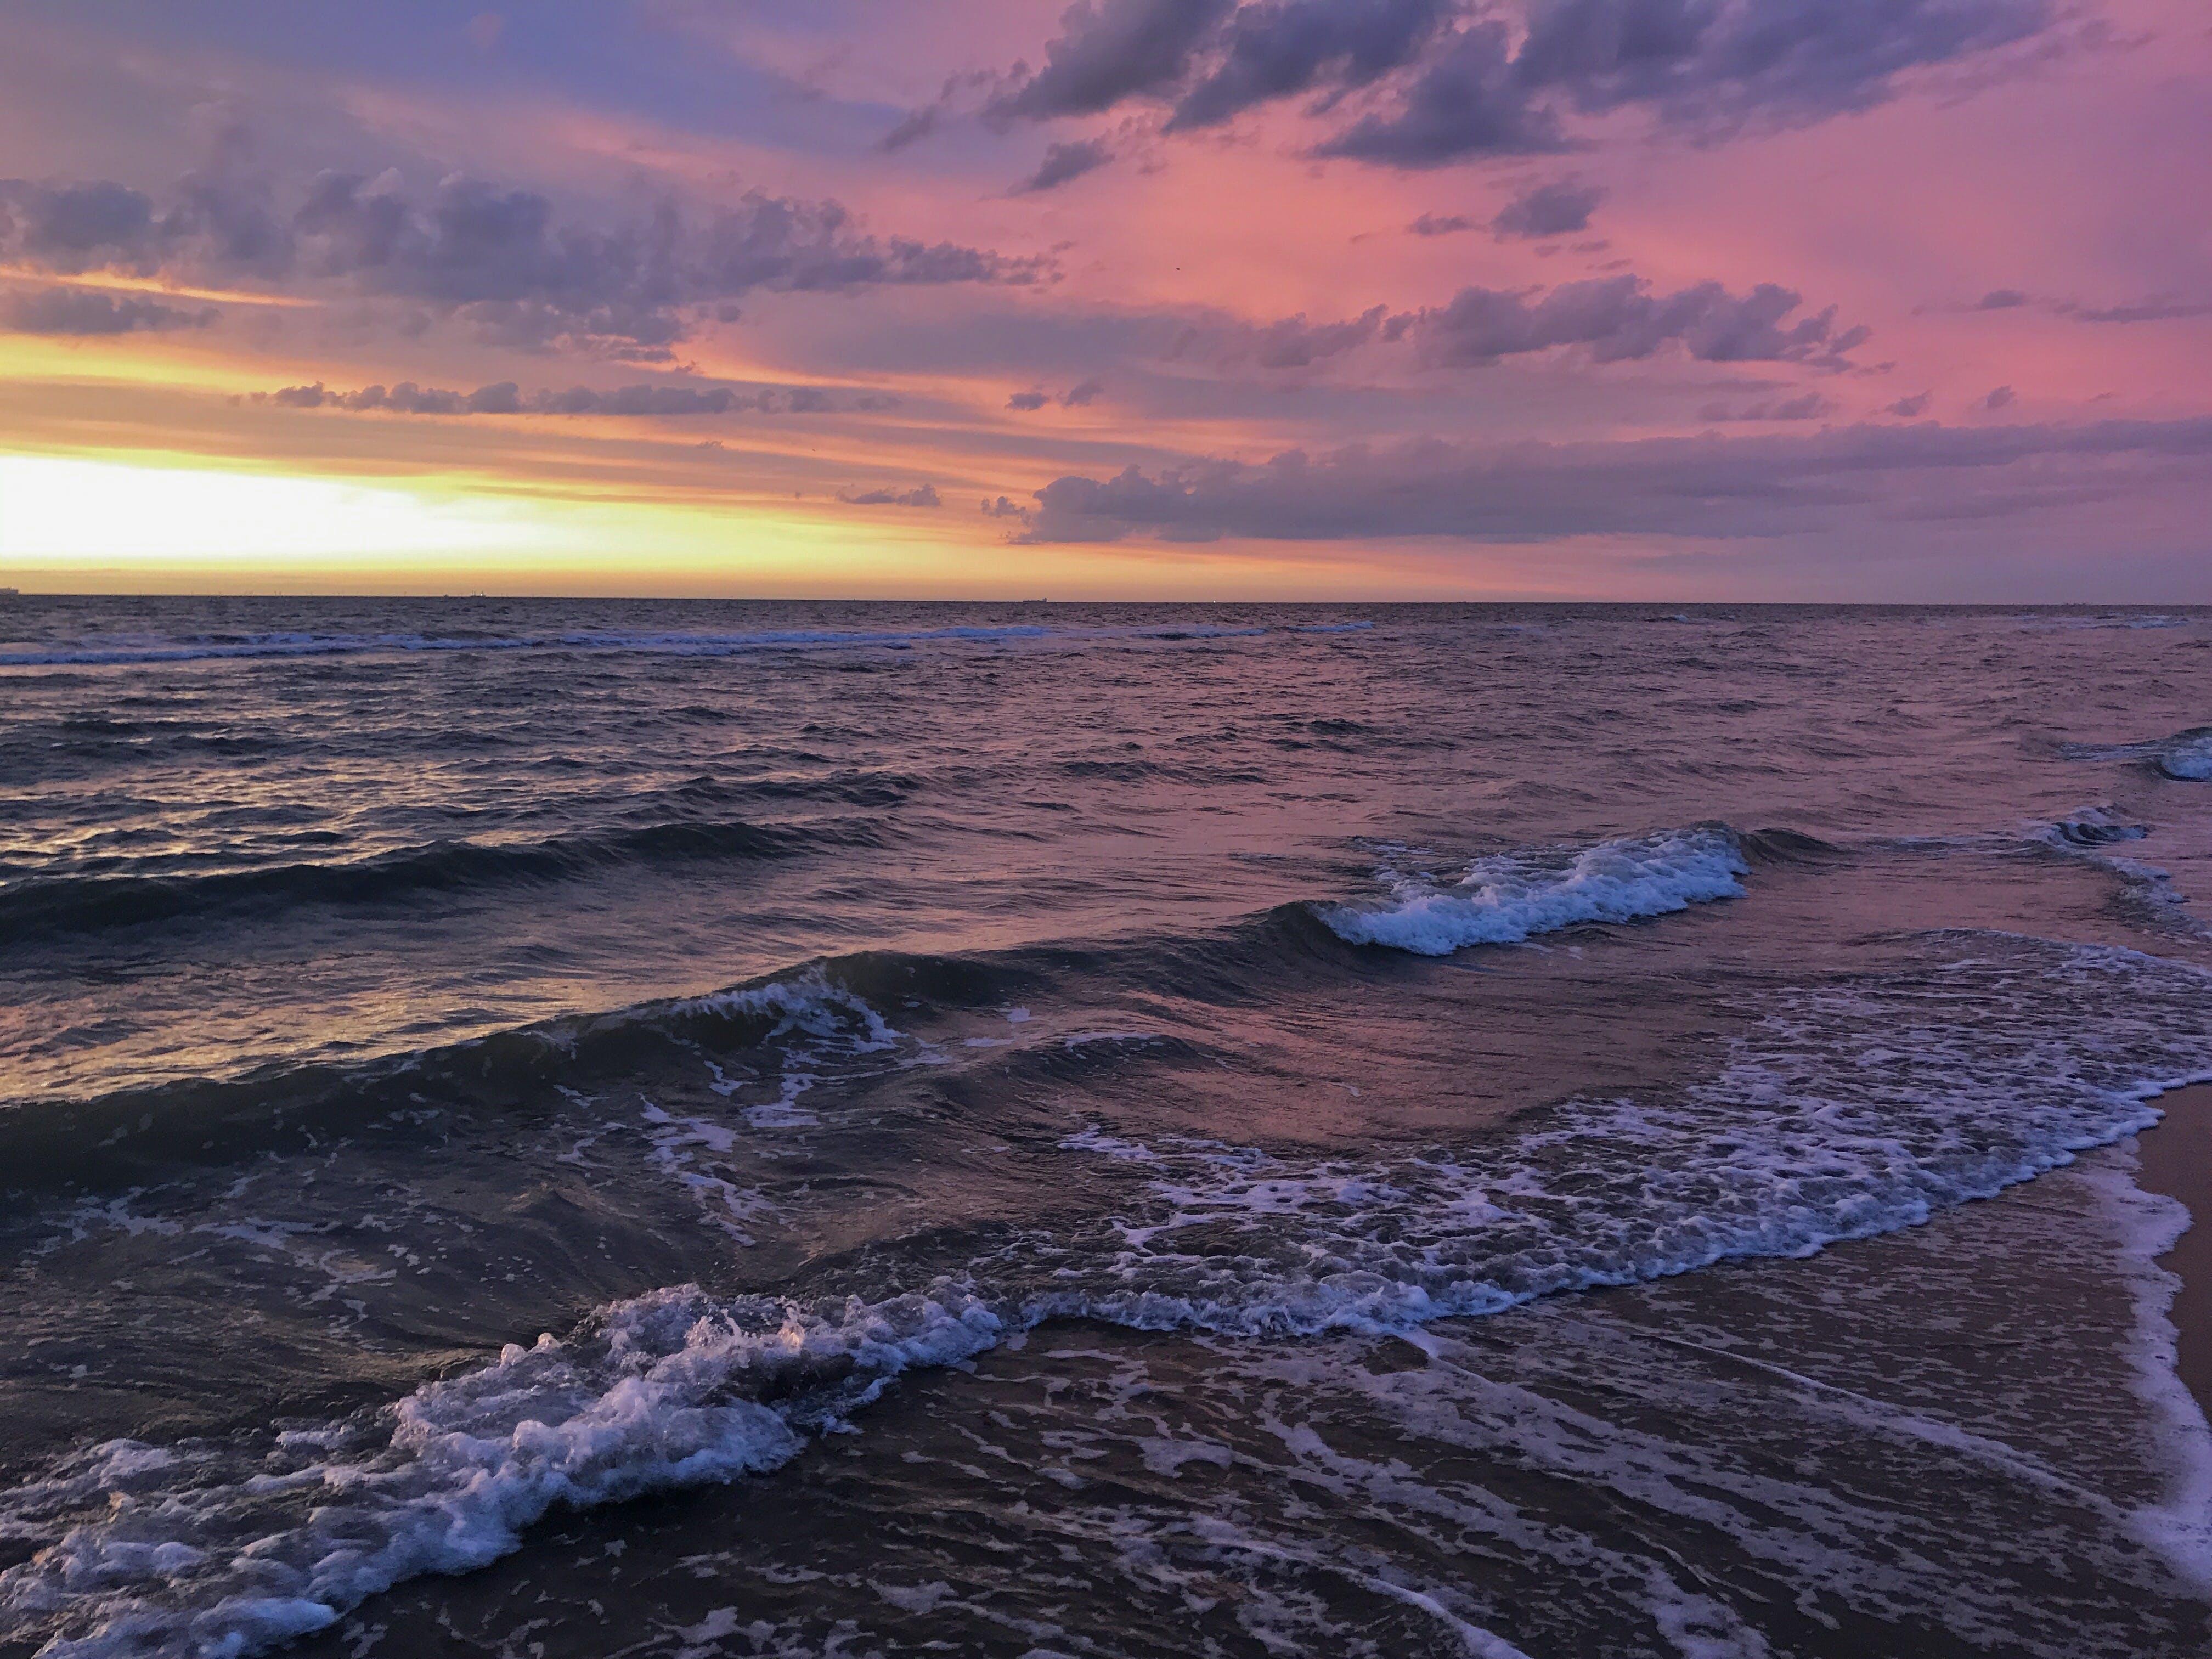 Gratis lagerfoto af nat, solnedgang, strand